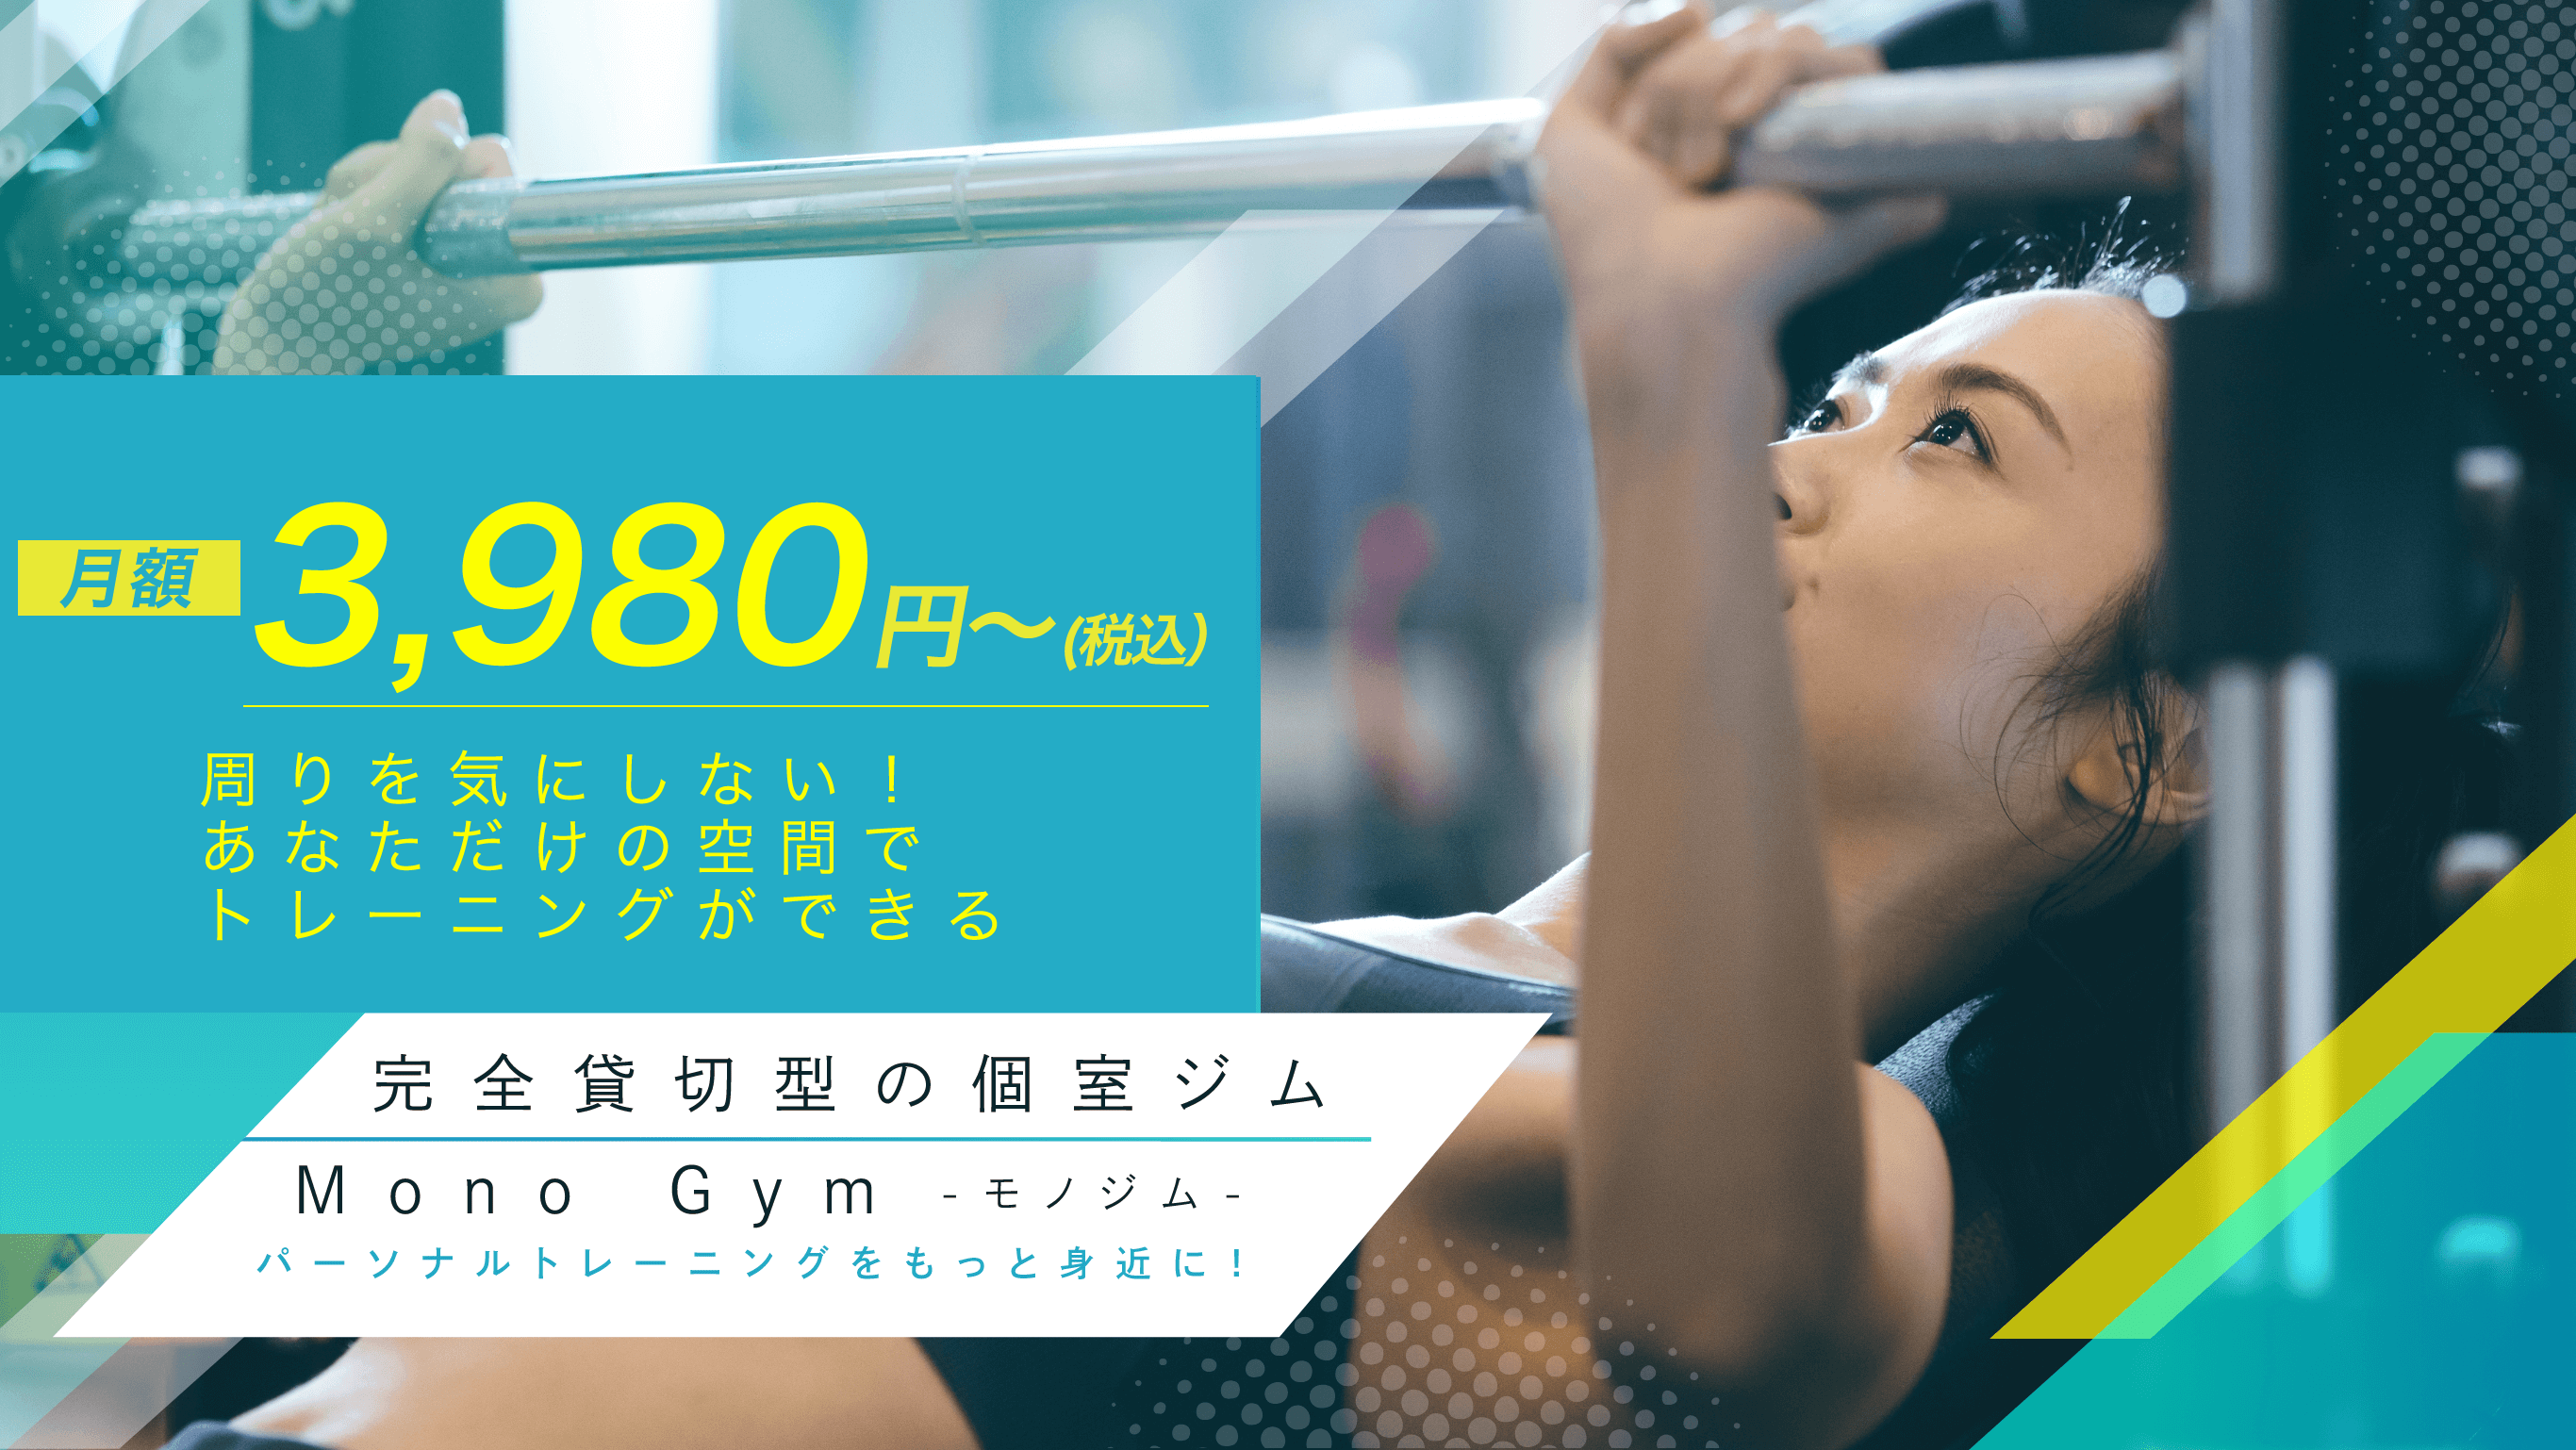 月額4,900円 周りを気にしない!あなただけの空間でトレーニングができる 完全貸切型の個室ジム Mono Gym モノジム